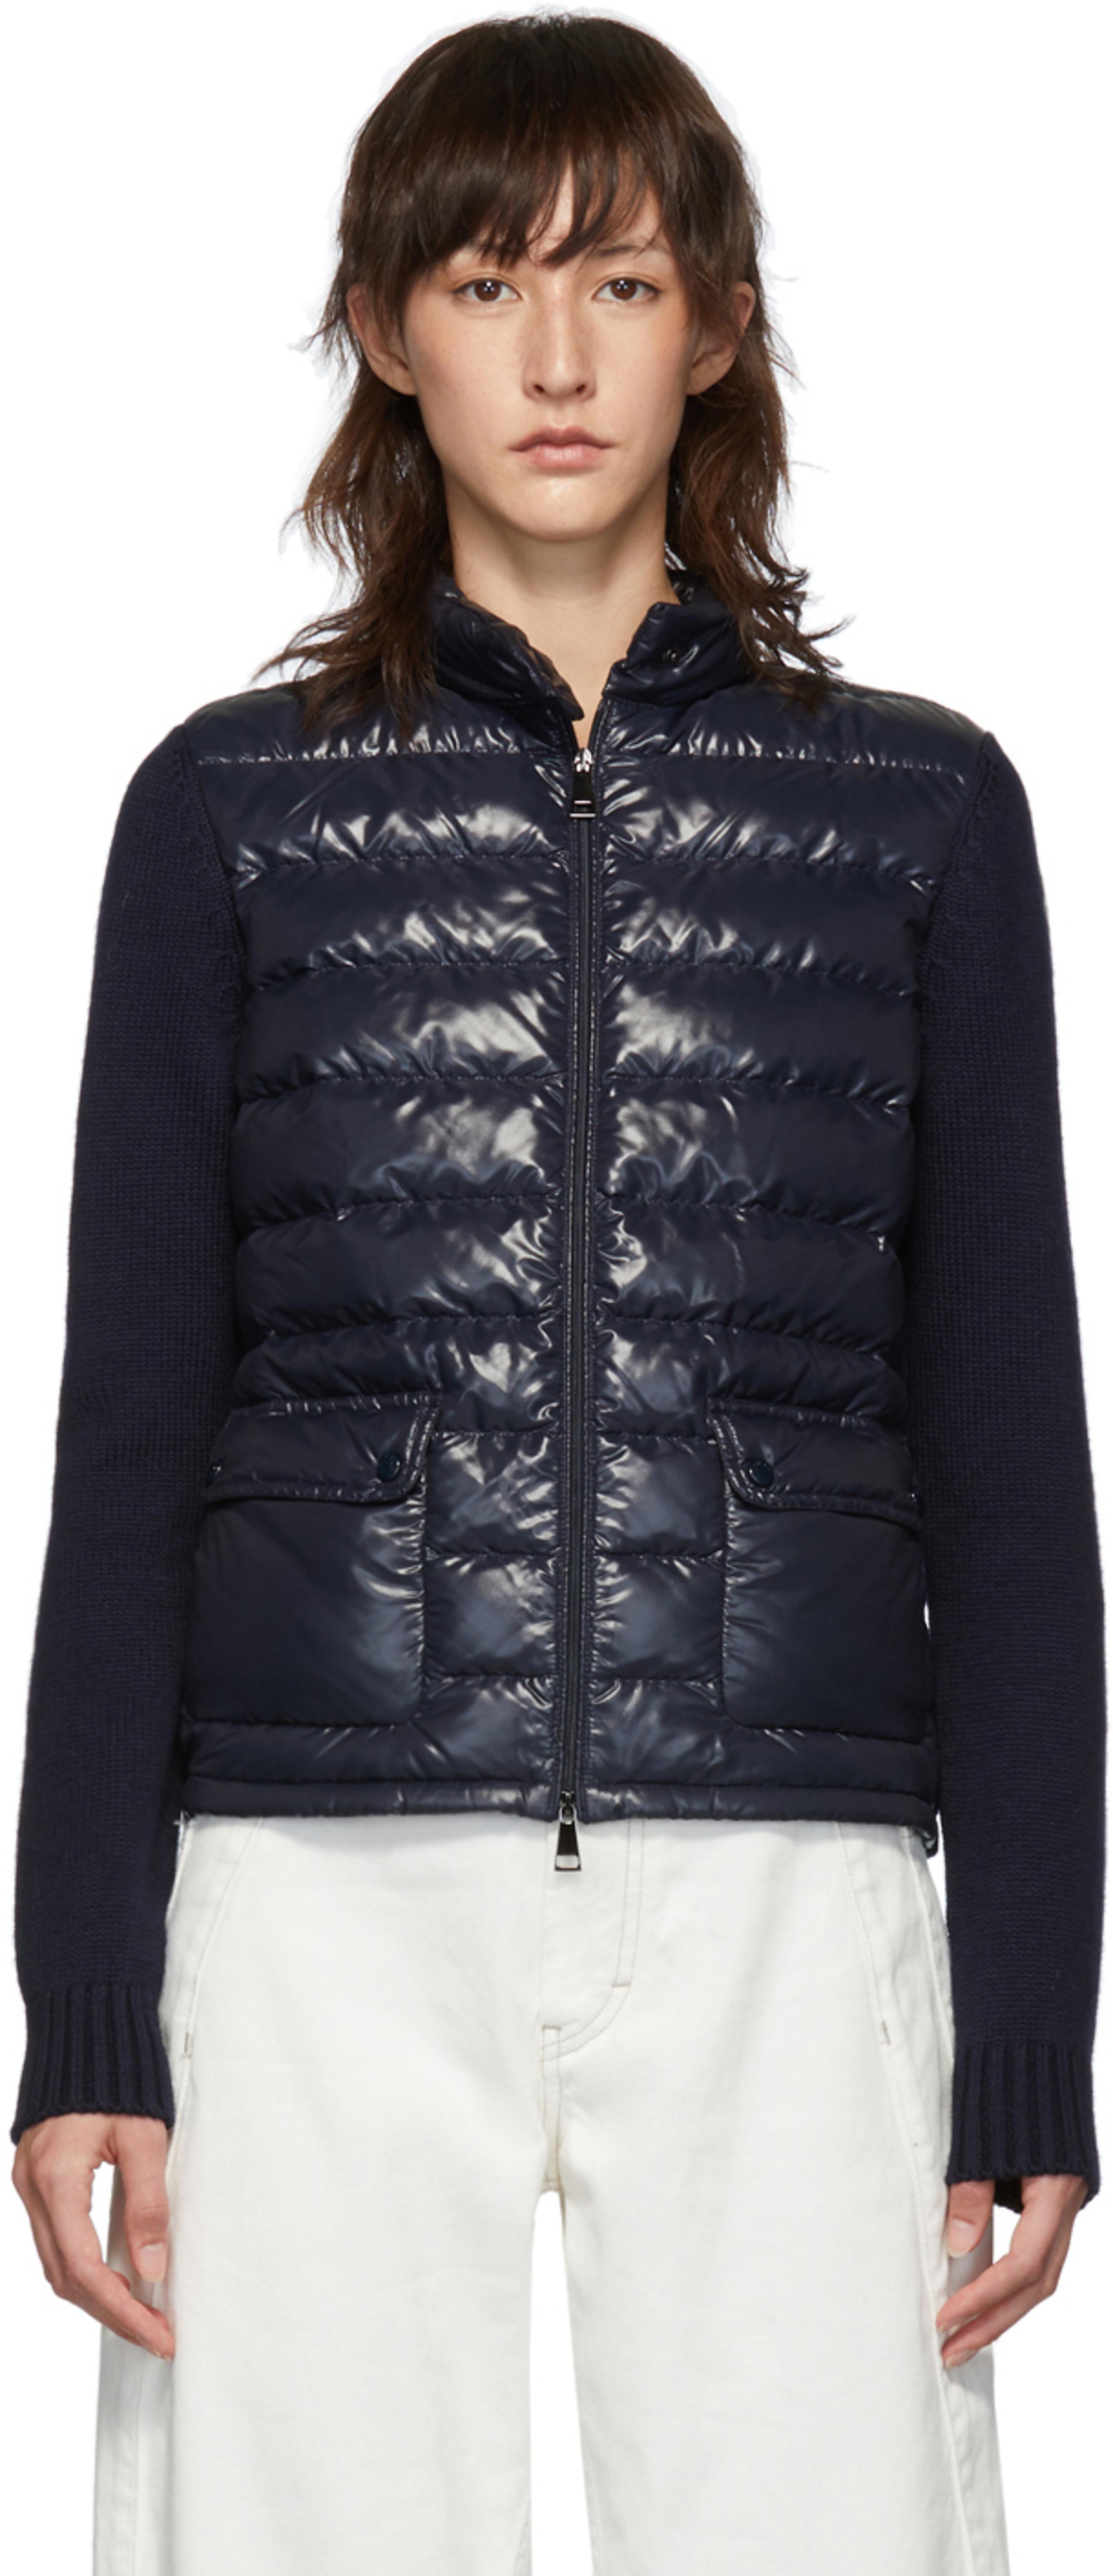 8eb15adab3 Manteaux et vestes de créateurs pour Femmes | SSENSE France